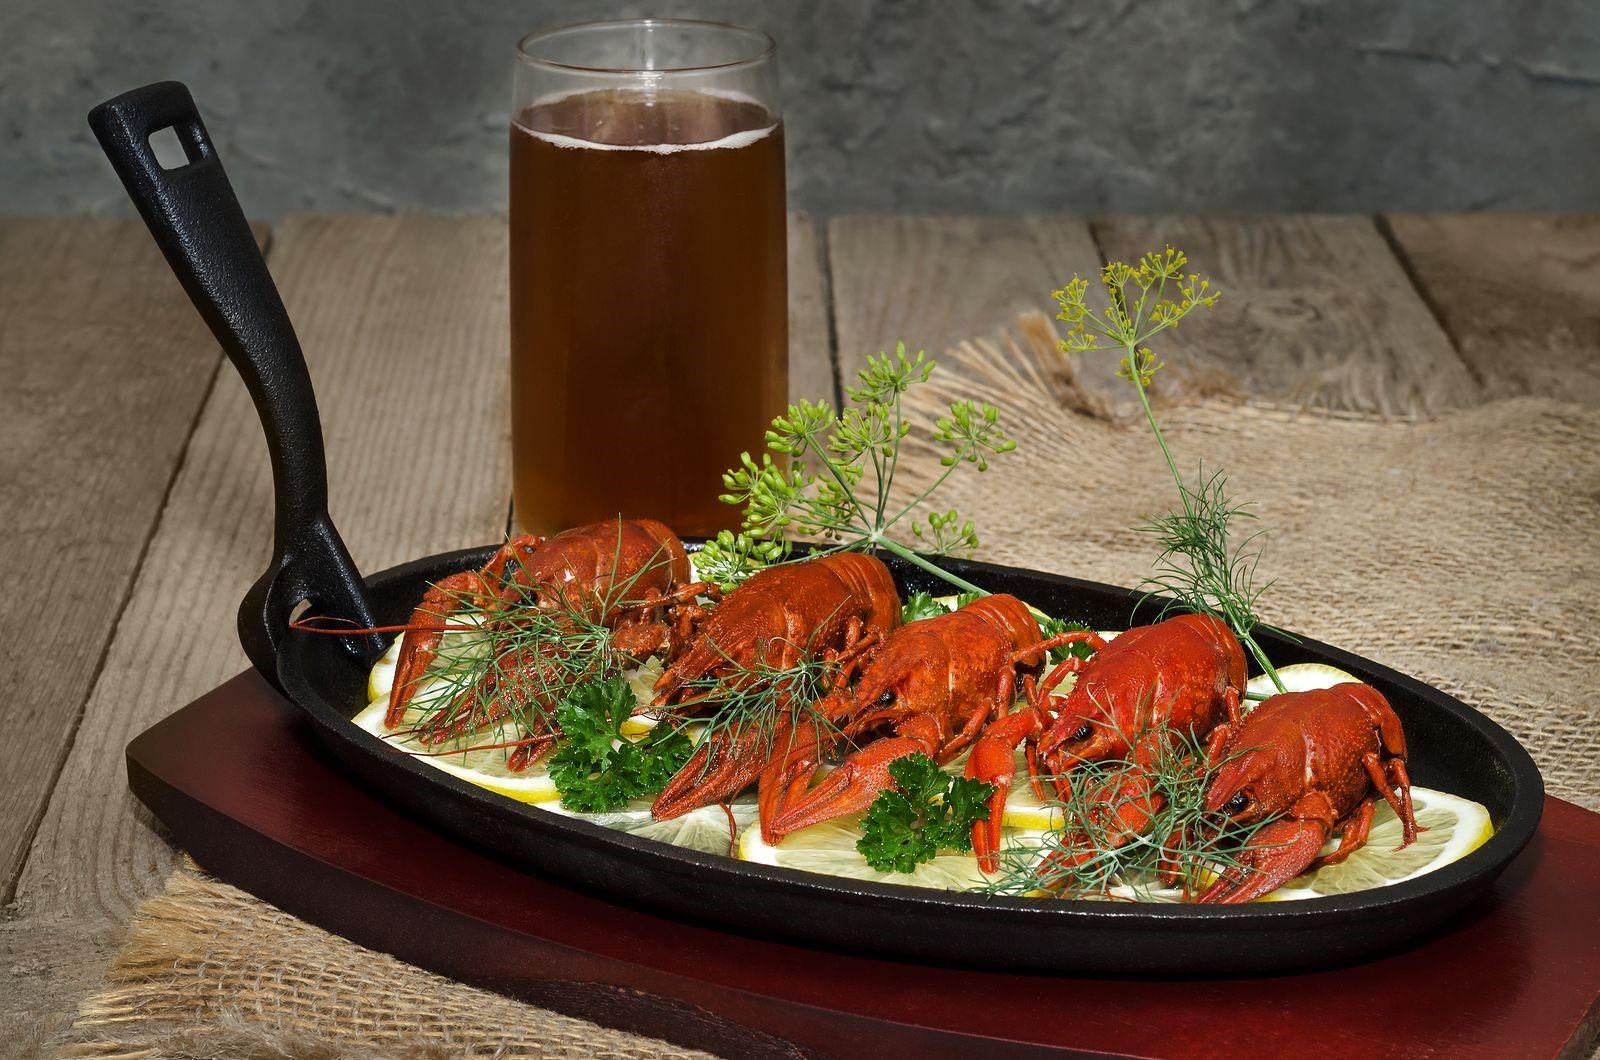 cajun cuisine history